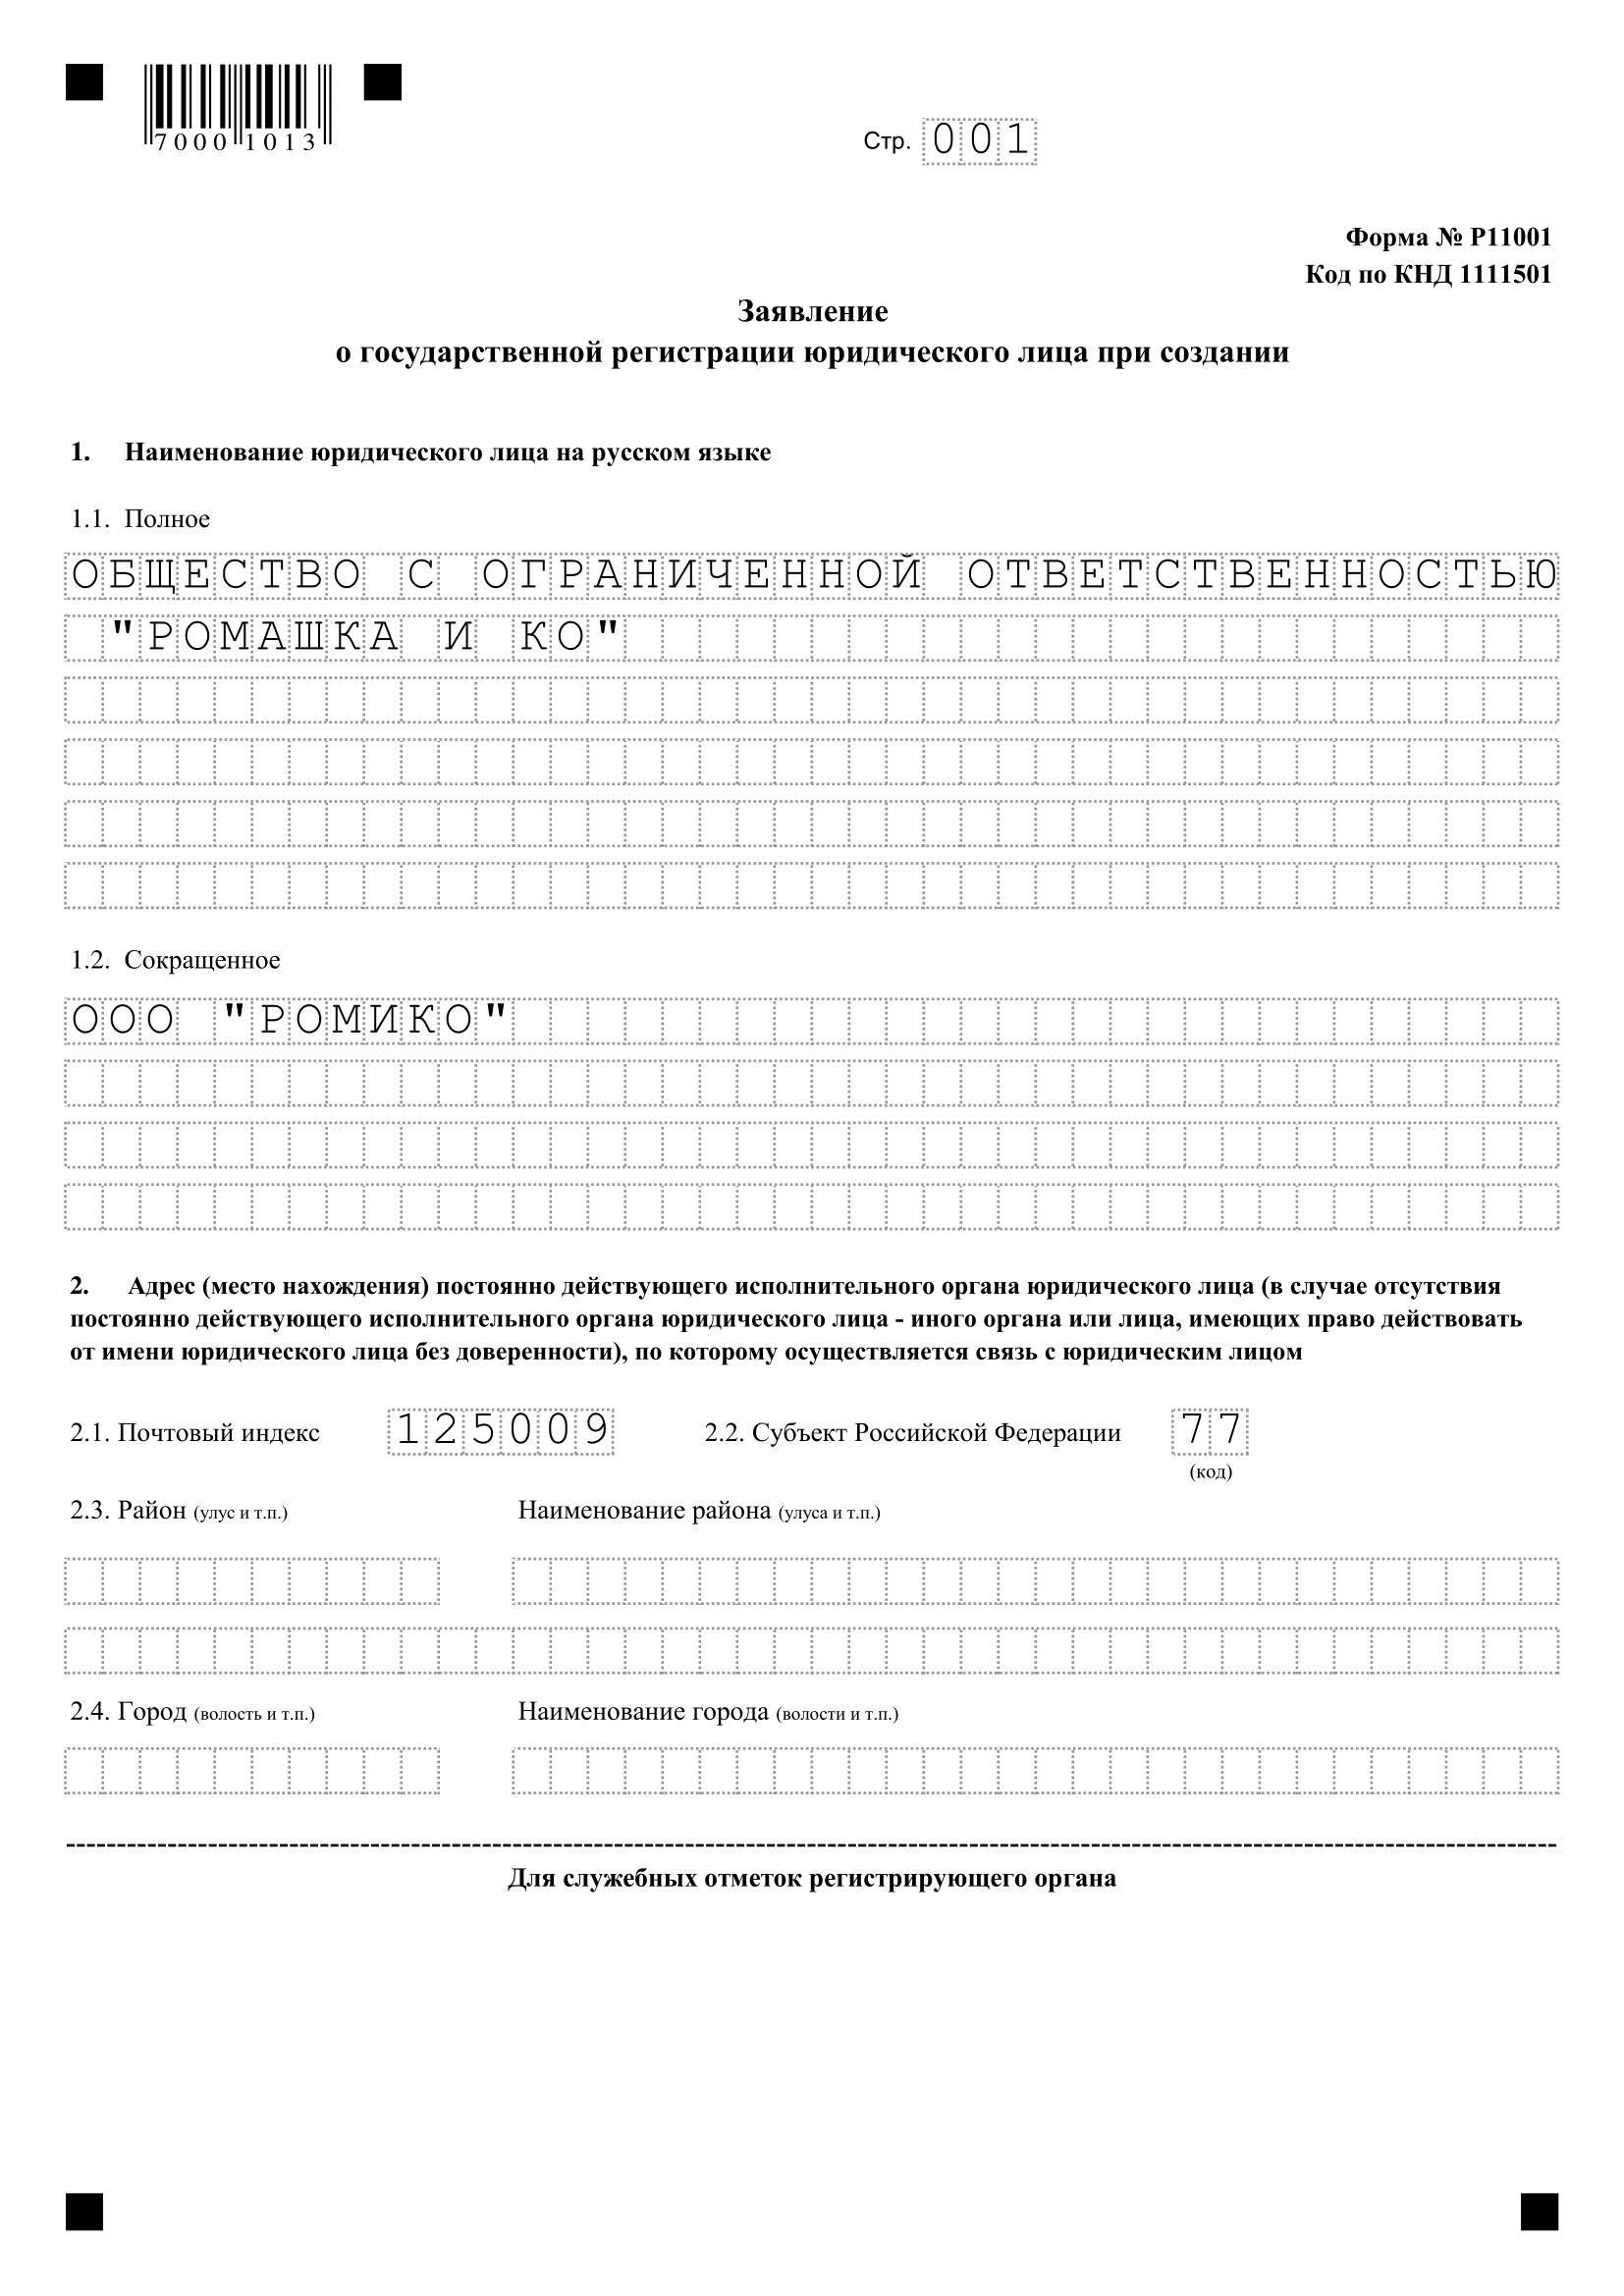 Скачать бланк заявления о регистрации ооо что делают после регистрации ооо